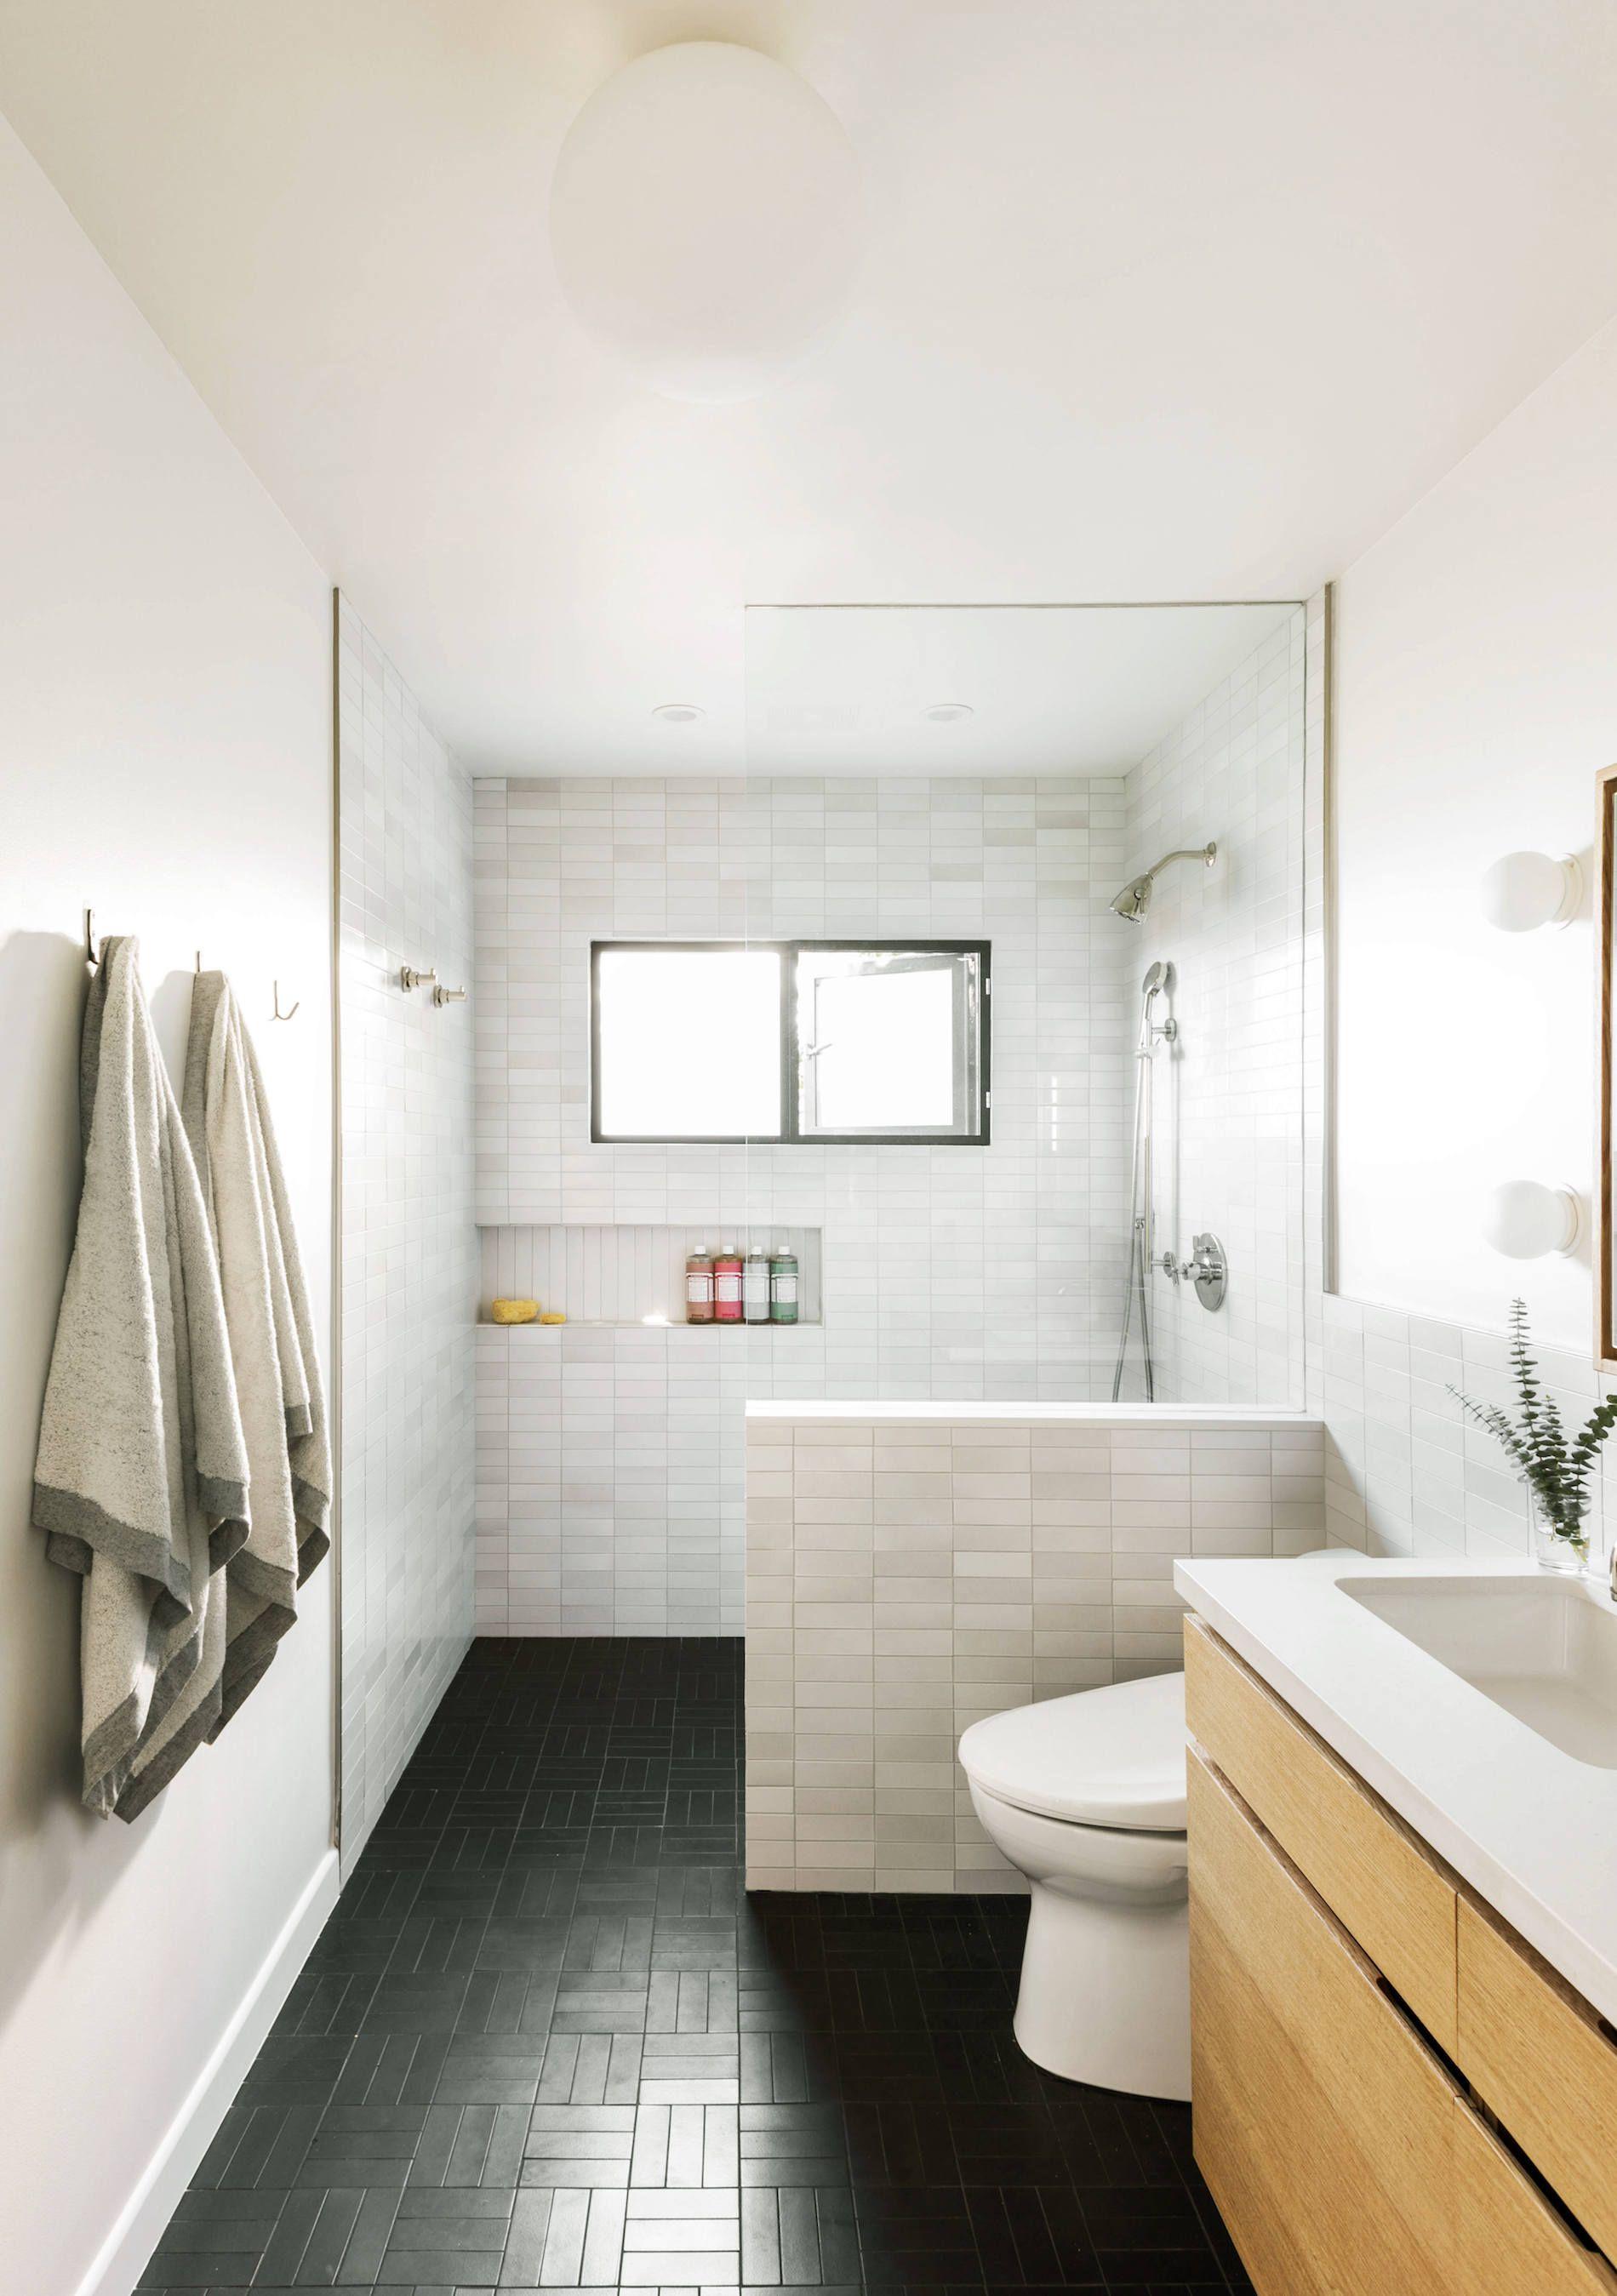 Bathroom Of The Week In La A Softer Take On Black And White Badezimmer Innenausstattung Modernes Badezimmerdesign Und Bodenfliesen Bad